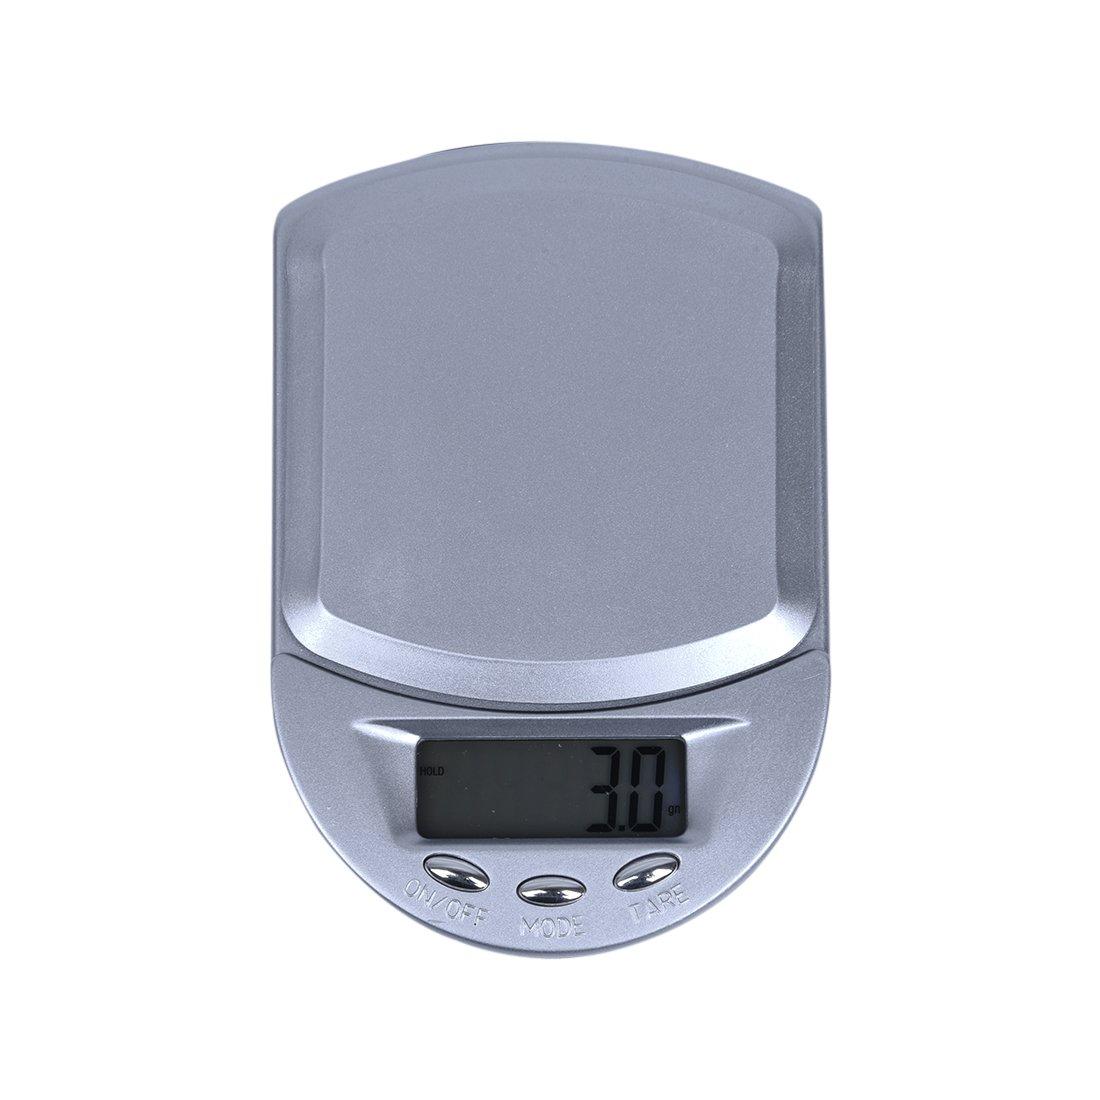 SODIAL(R) LCD BILANCIA BILANCINO DI PRECISIONE 0.1g/500g G GN CT